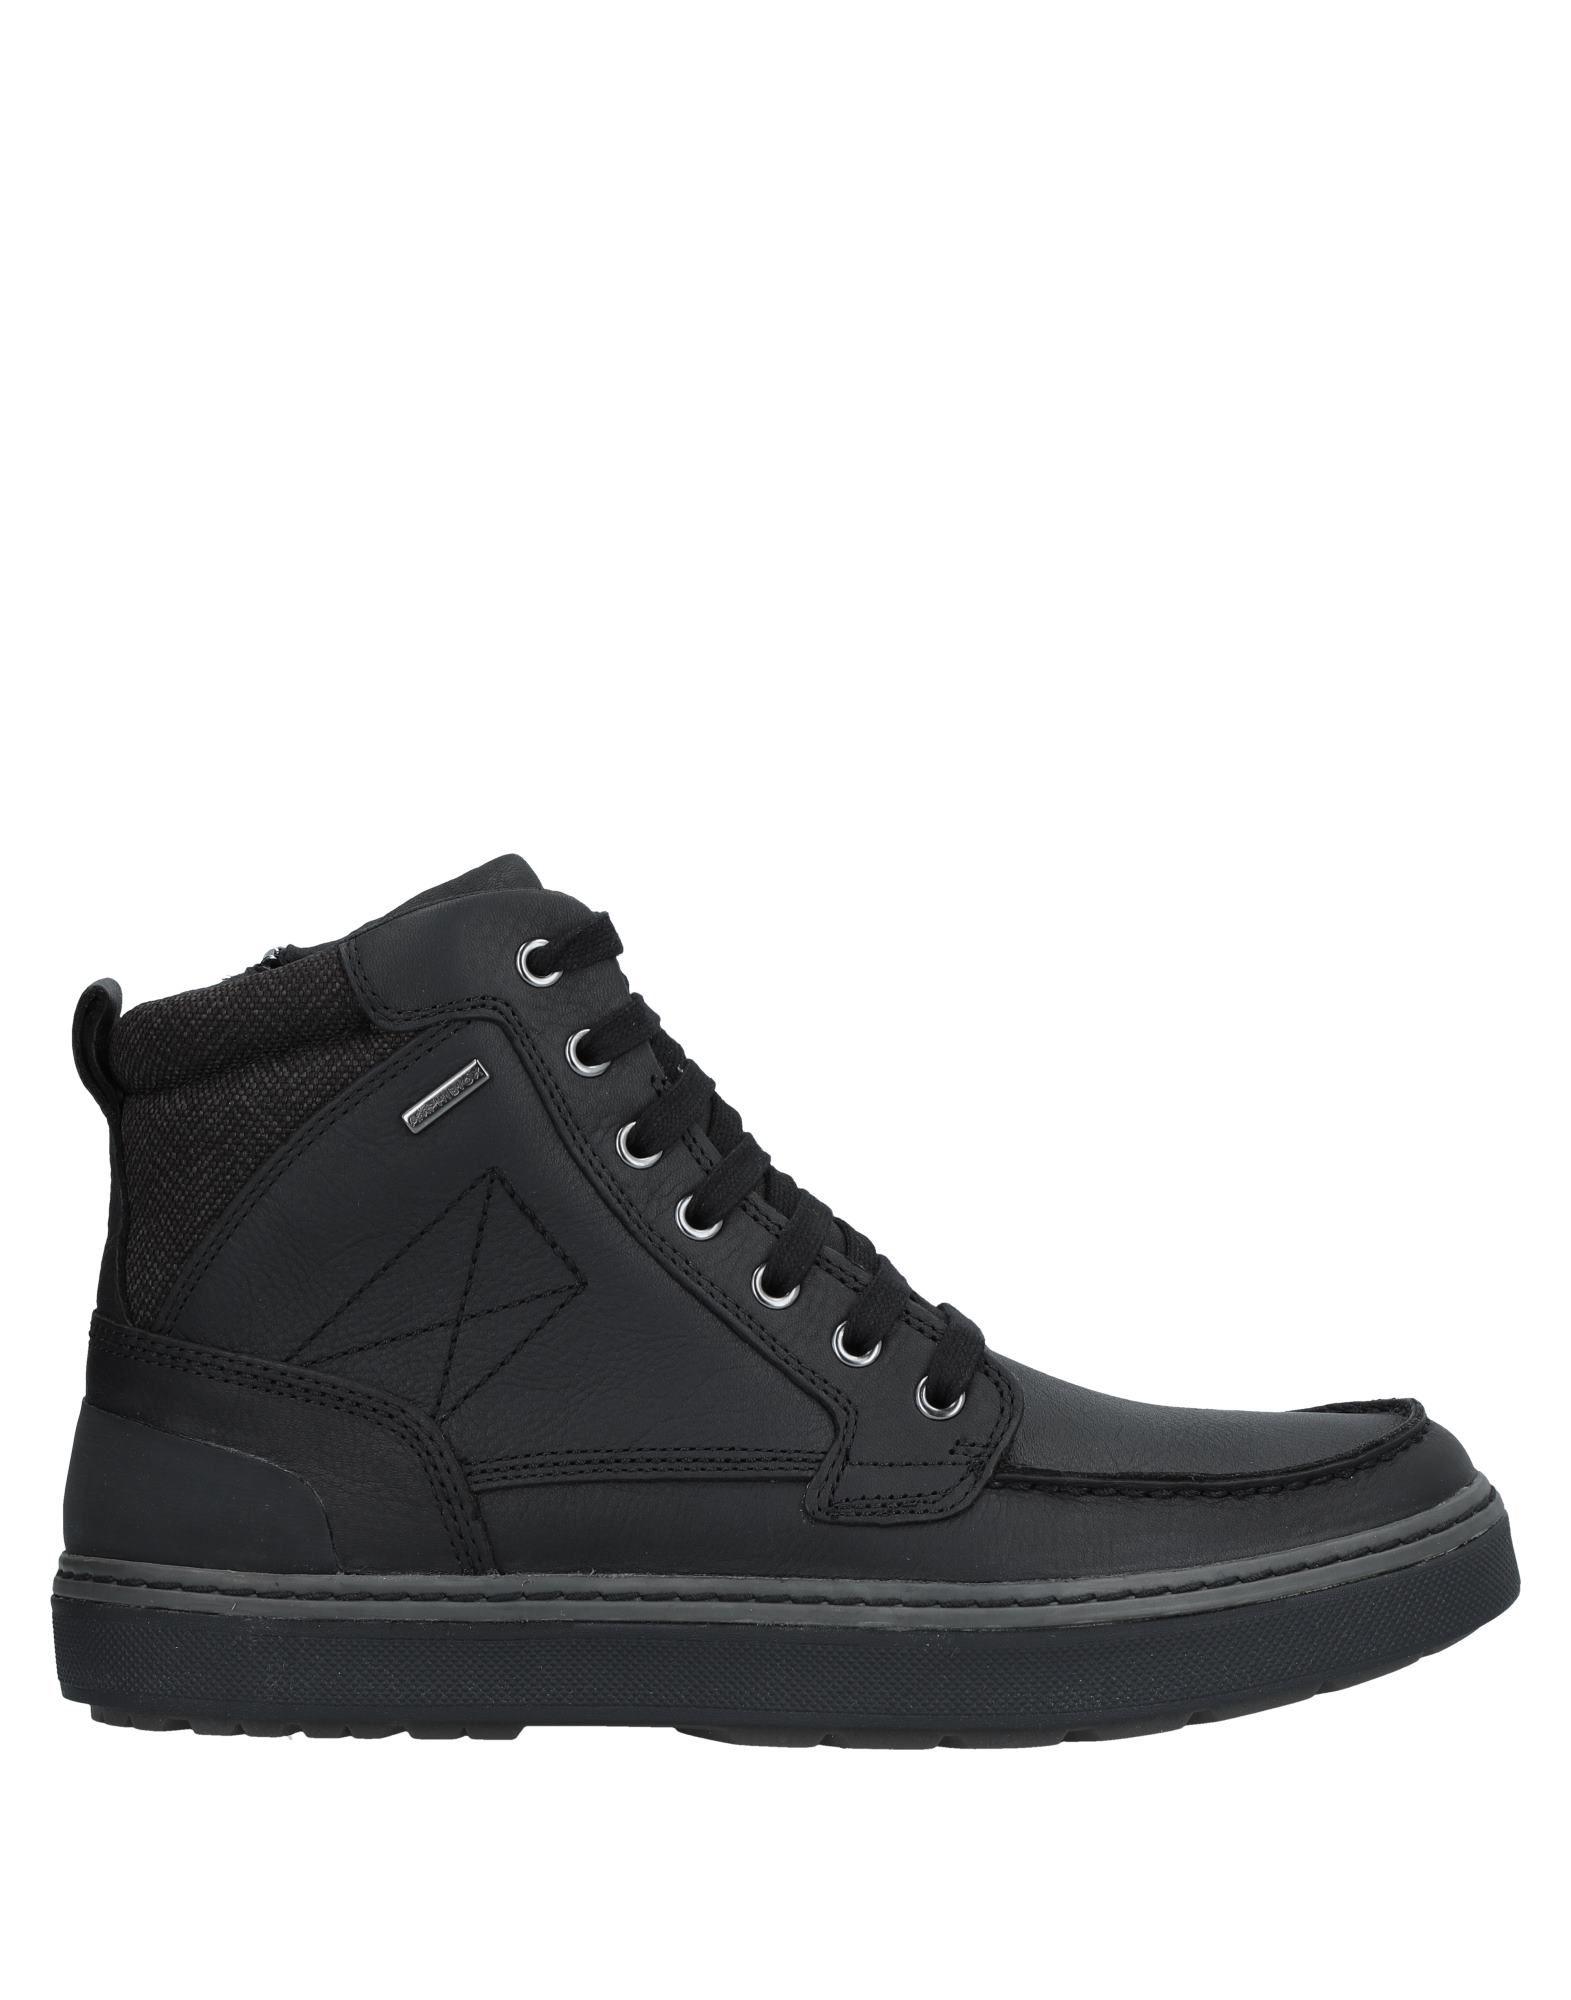 Geox Sneakers United - Men Geox Sneakers online on  United Sneakers Kingdom - 11540130MK 45f787